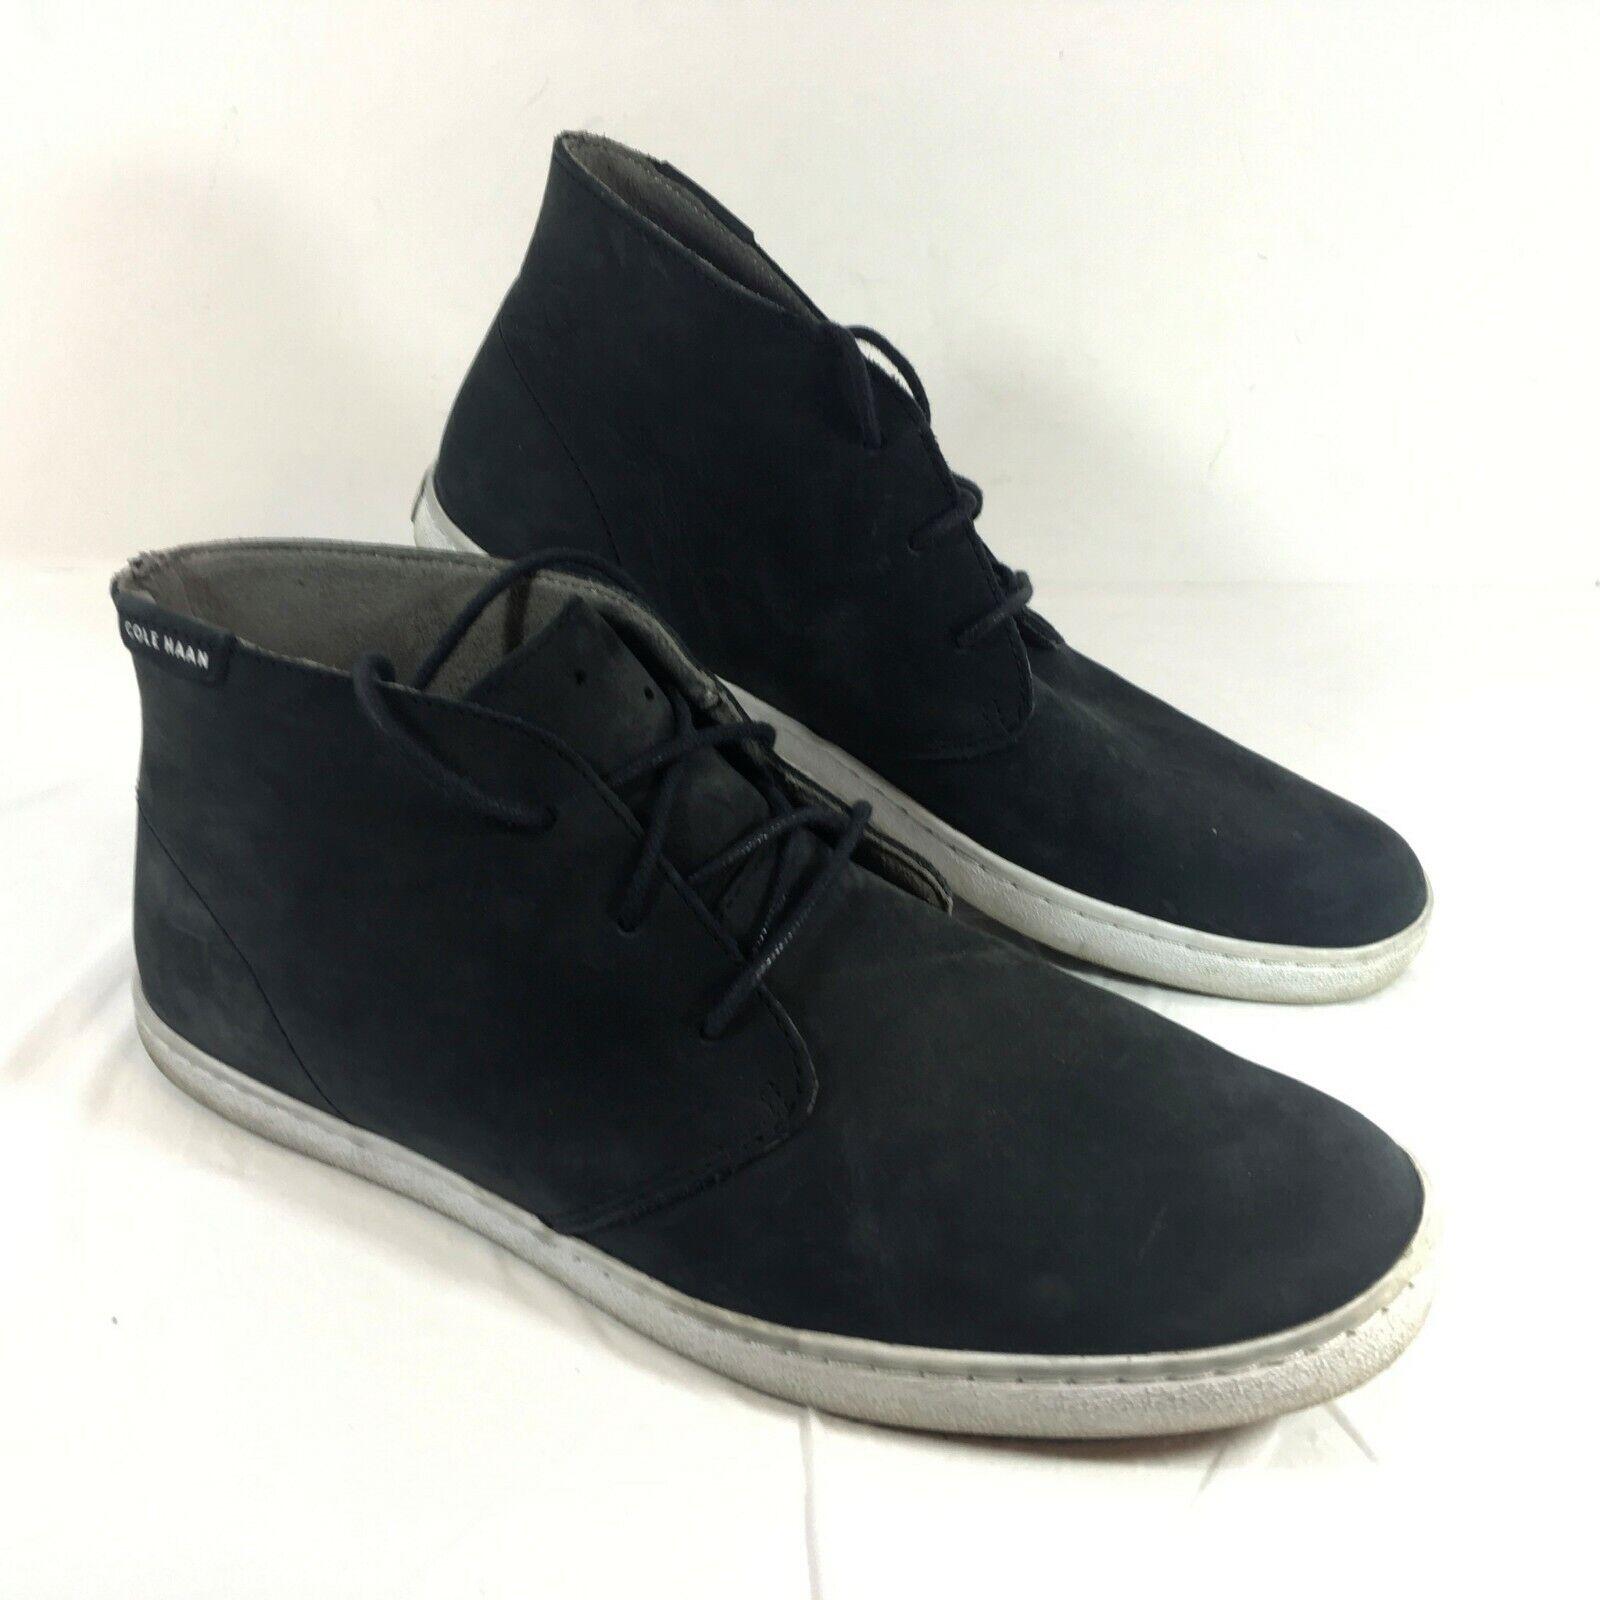 GUC Para Hombres Cole Haan Grand o 's pizca de Cuero Negro botas al Tobillo Chukka M